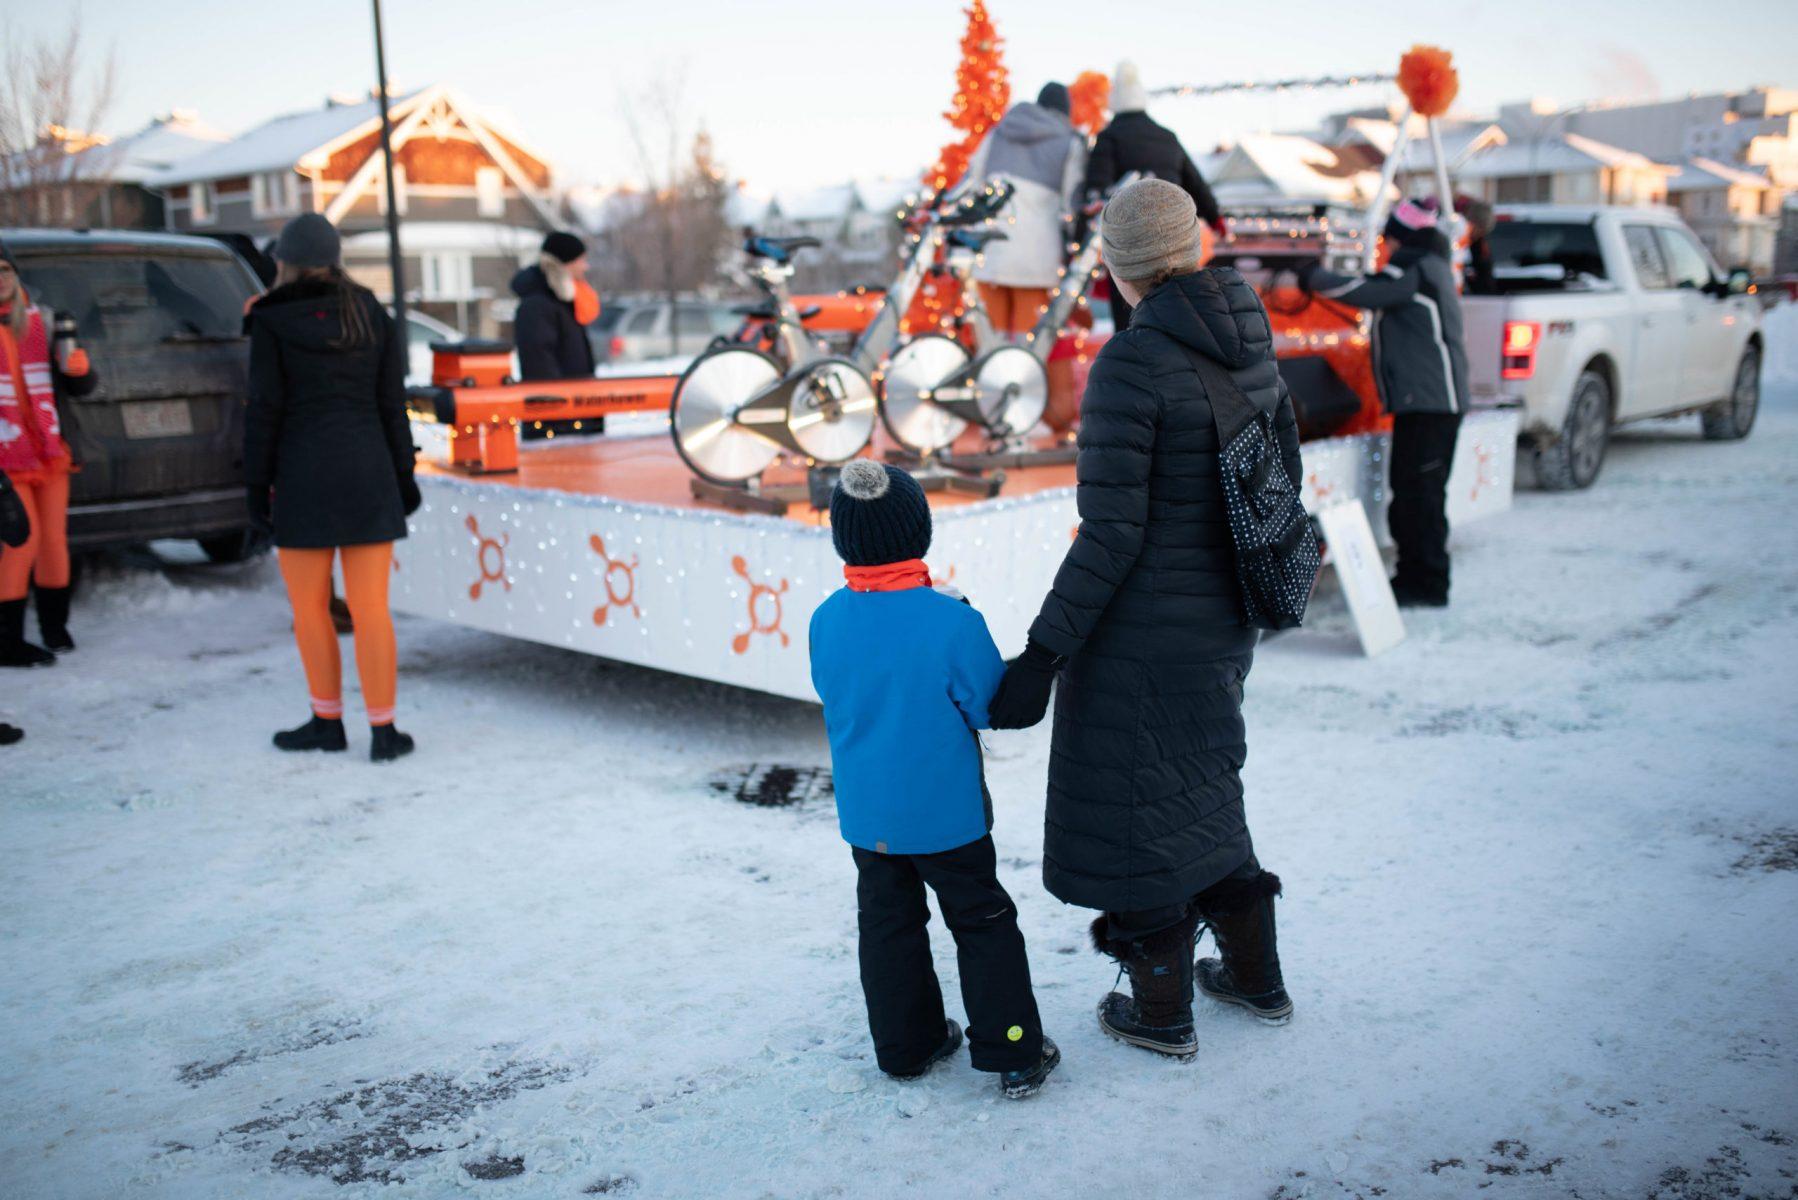 Auburn-Bay-Christmas-Parade-2019-7-scaled